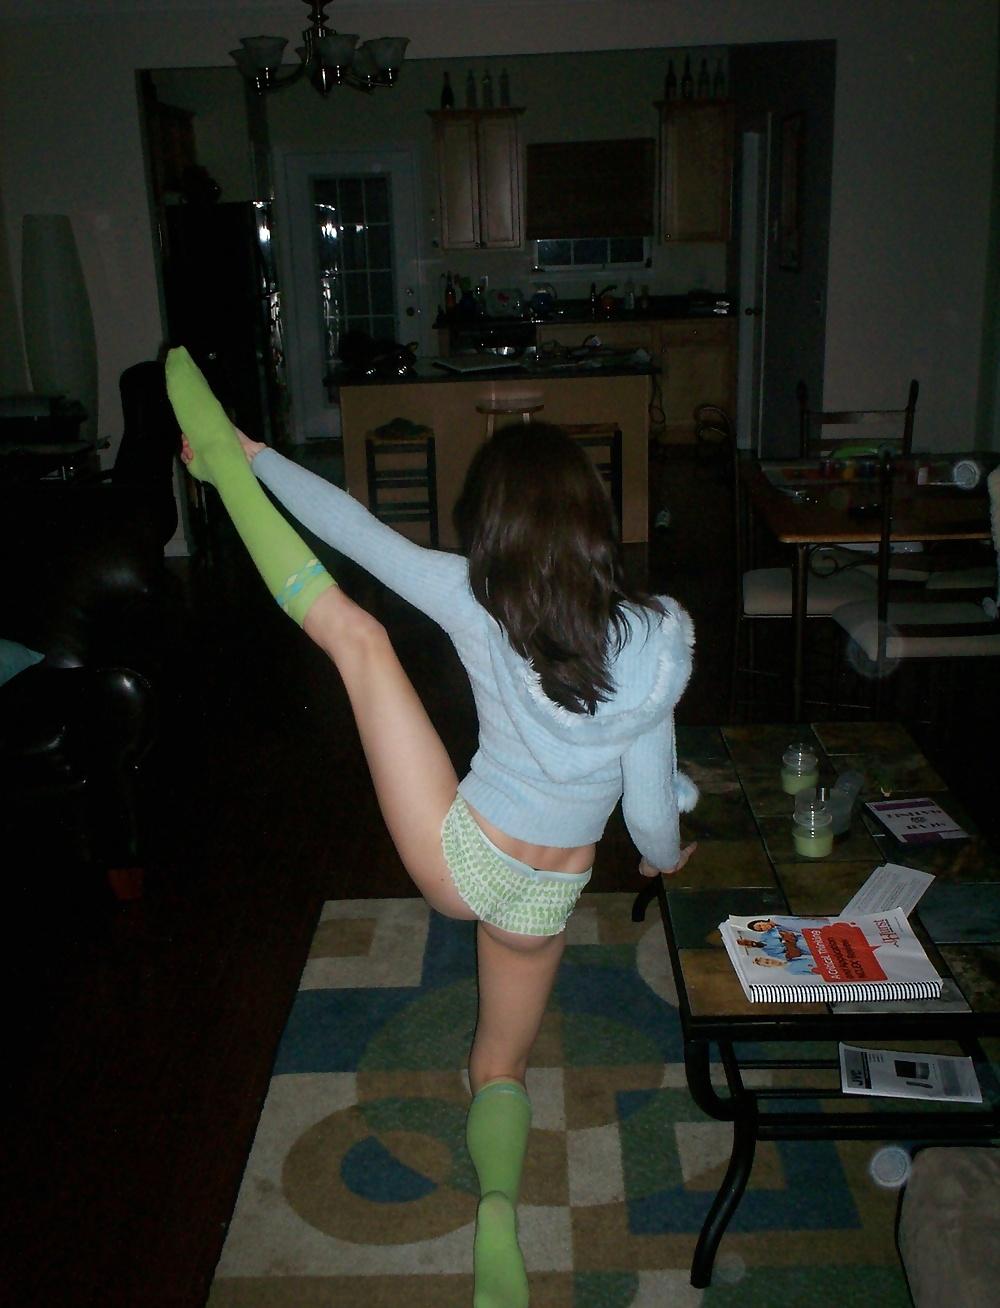 Молодуха со спортивными ножками вызывающе позирует дома